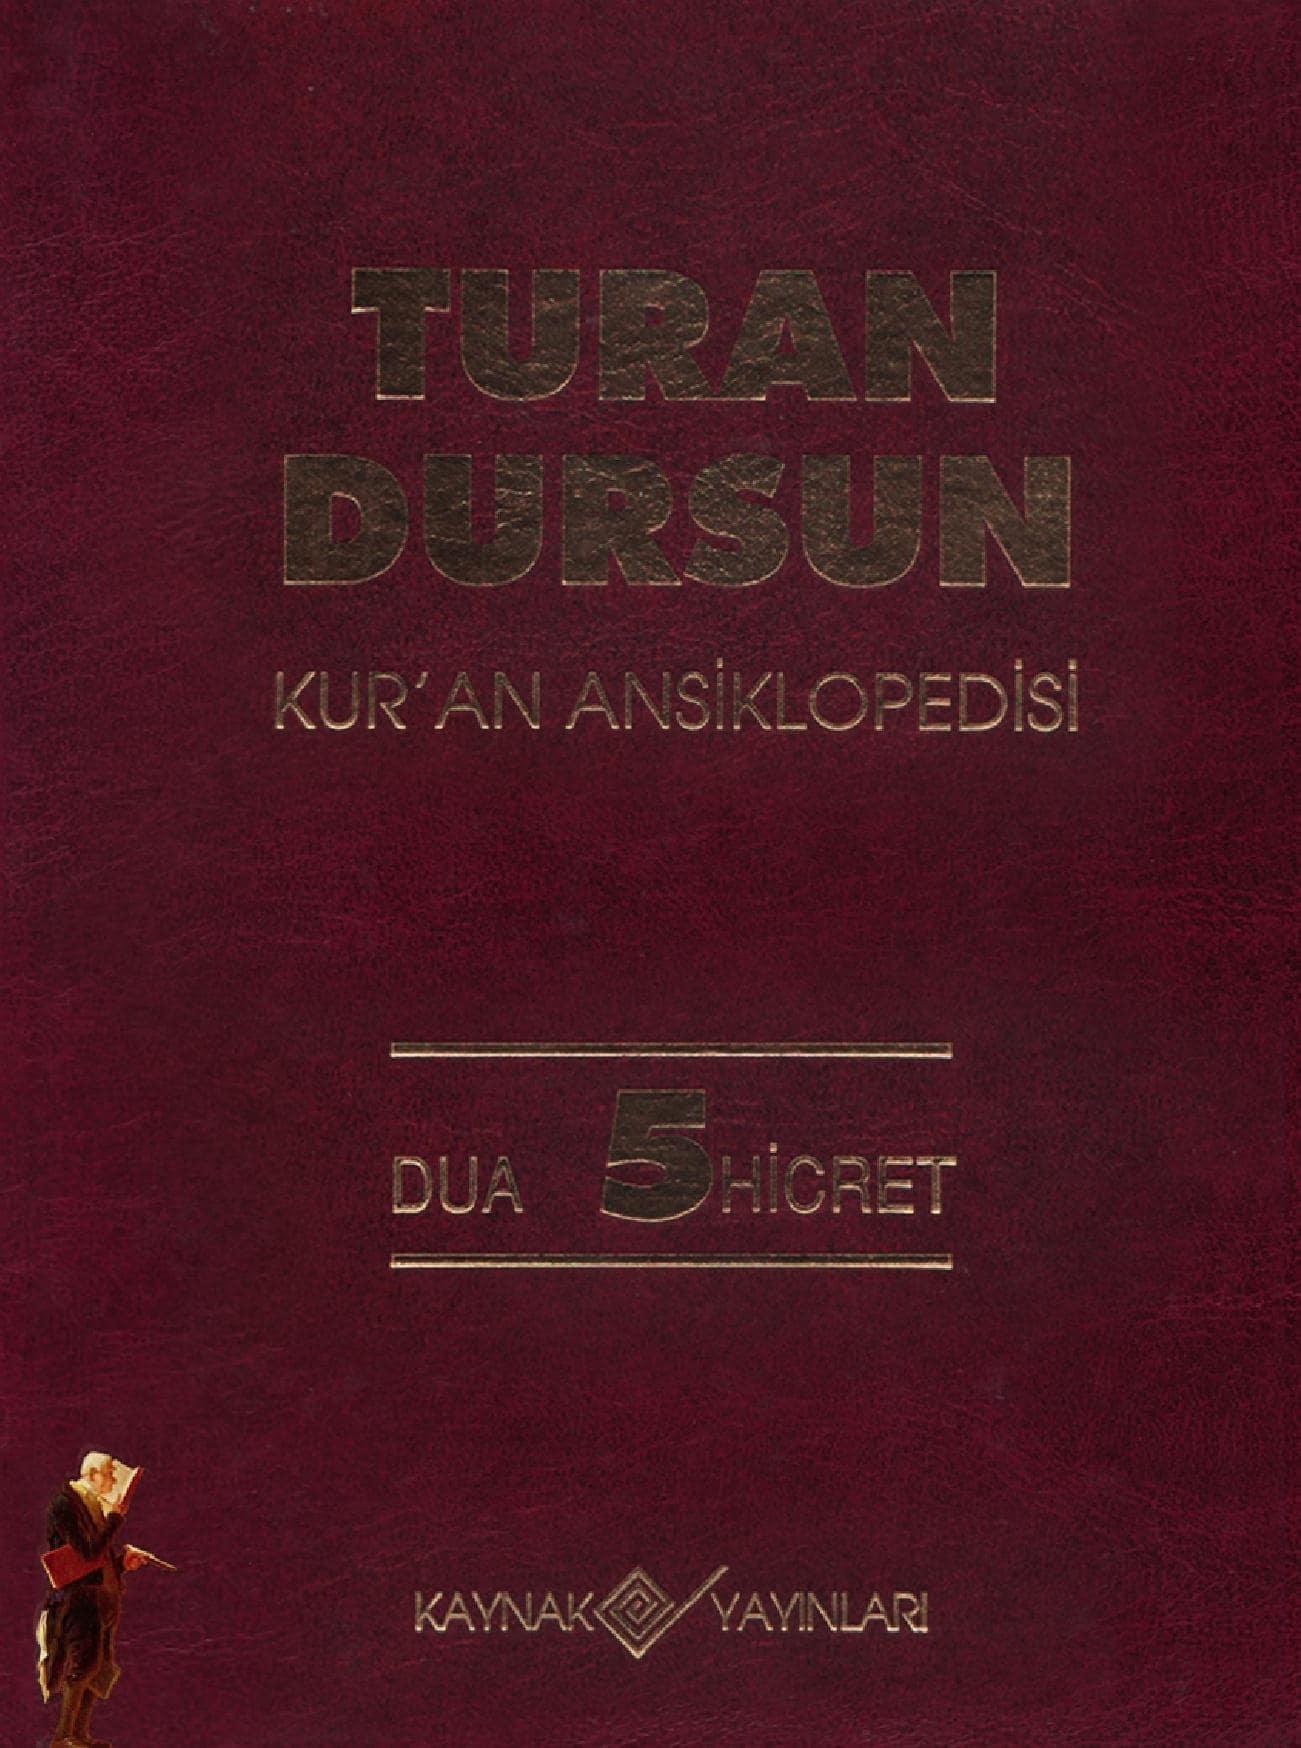 Turan Dursun. Kur'an Ansiklopedisi. 5. Cilt: Dua-Hicret (1994)